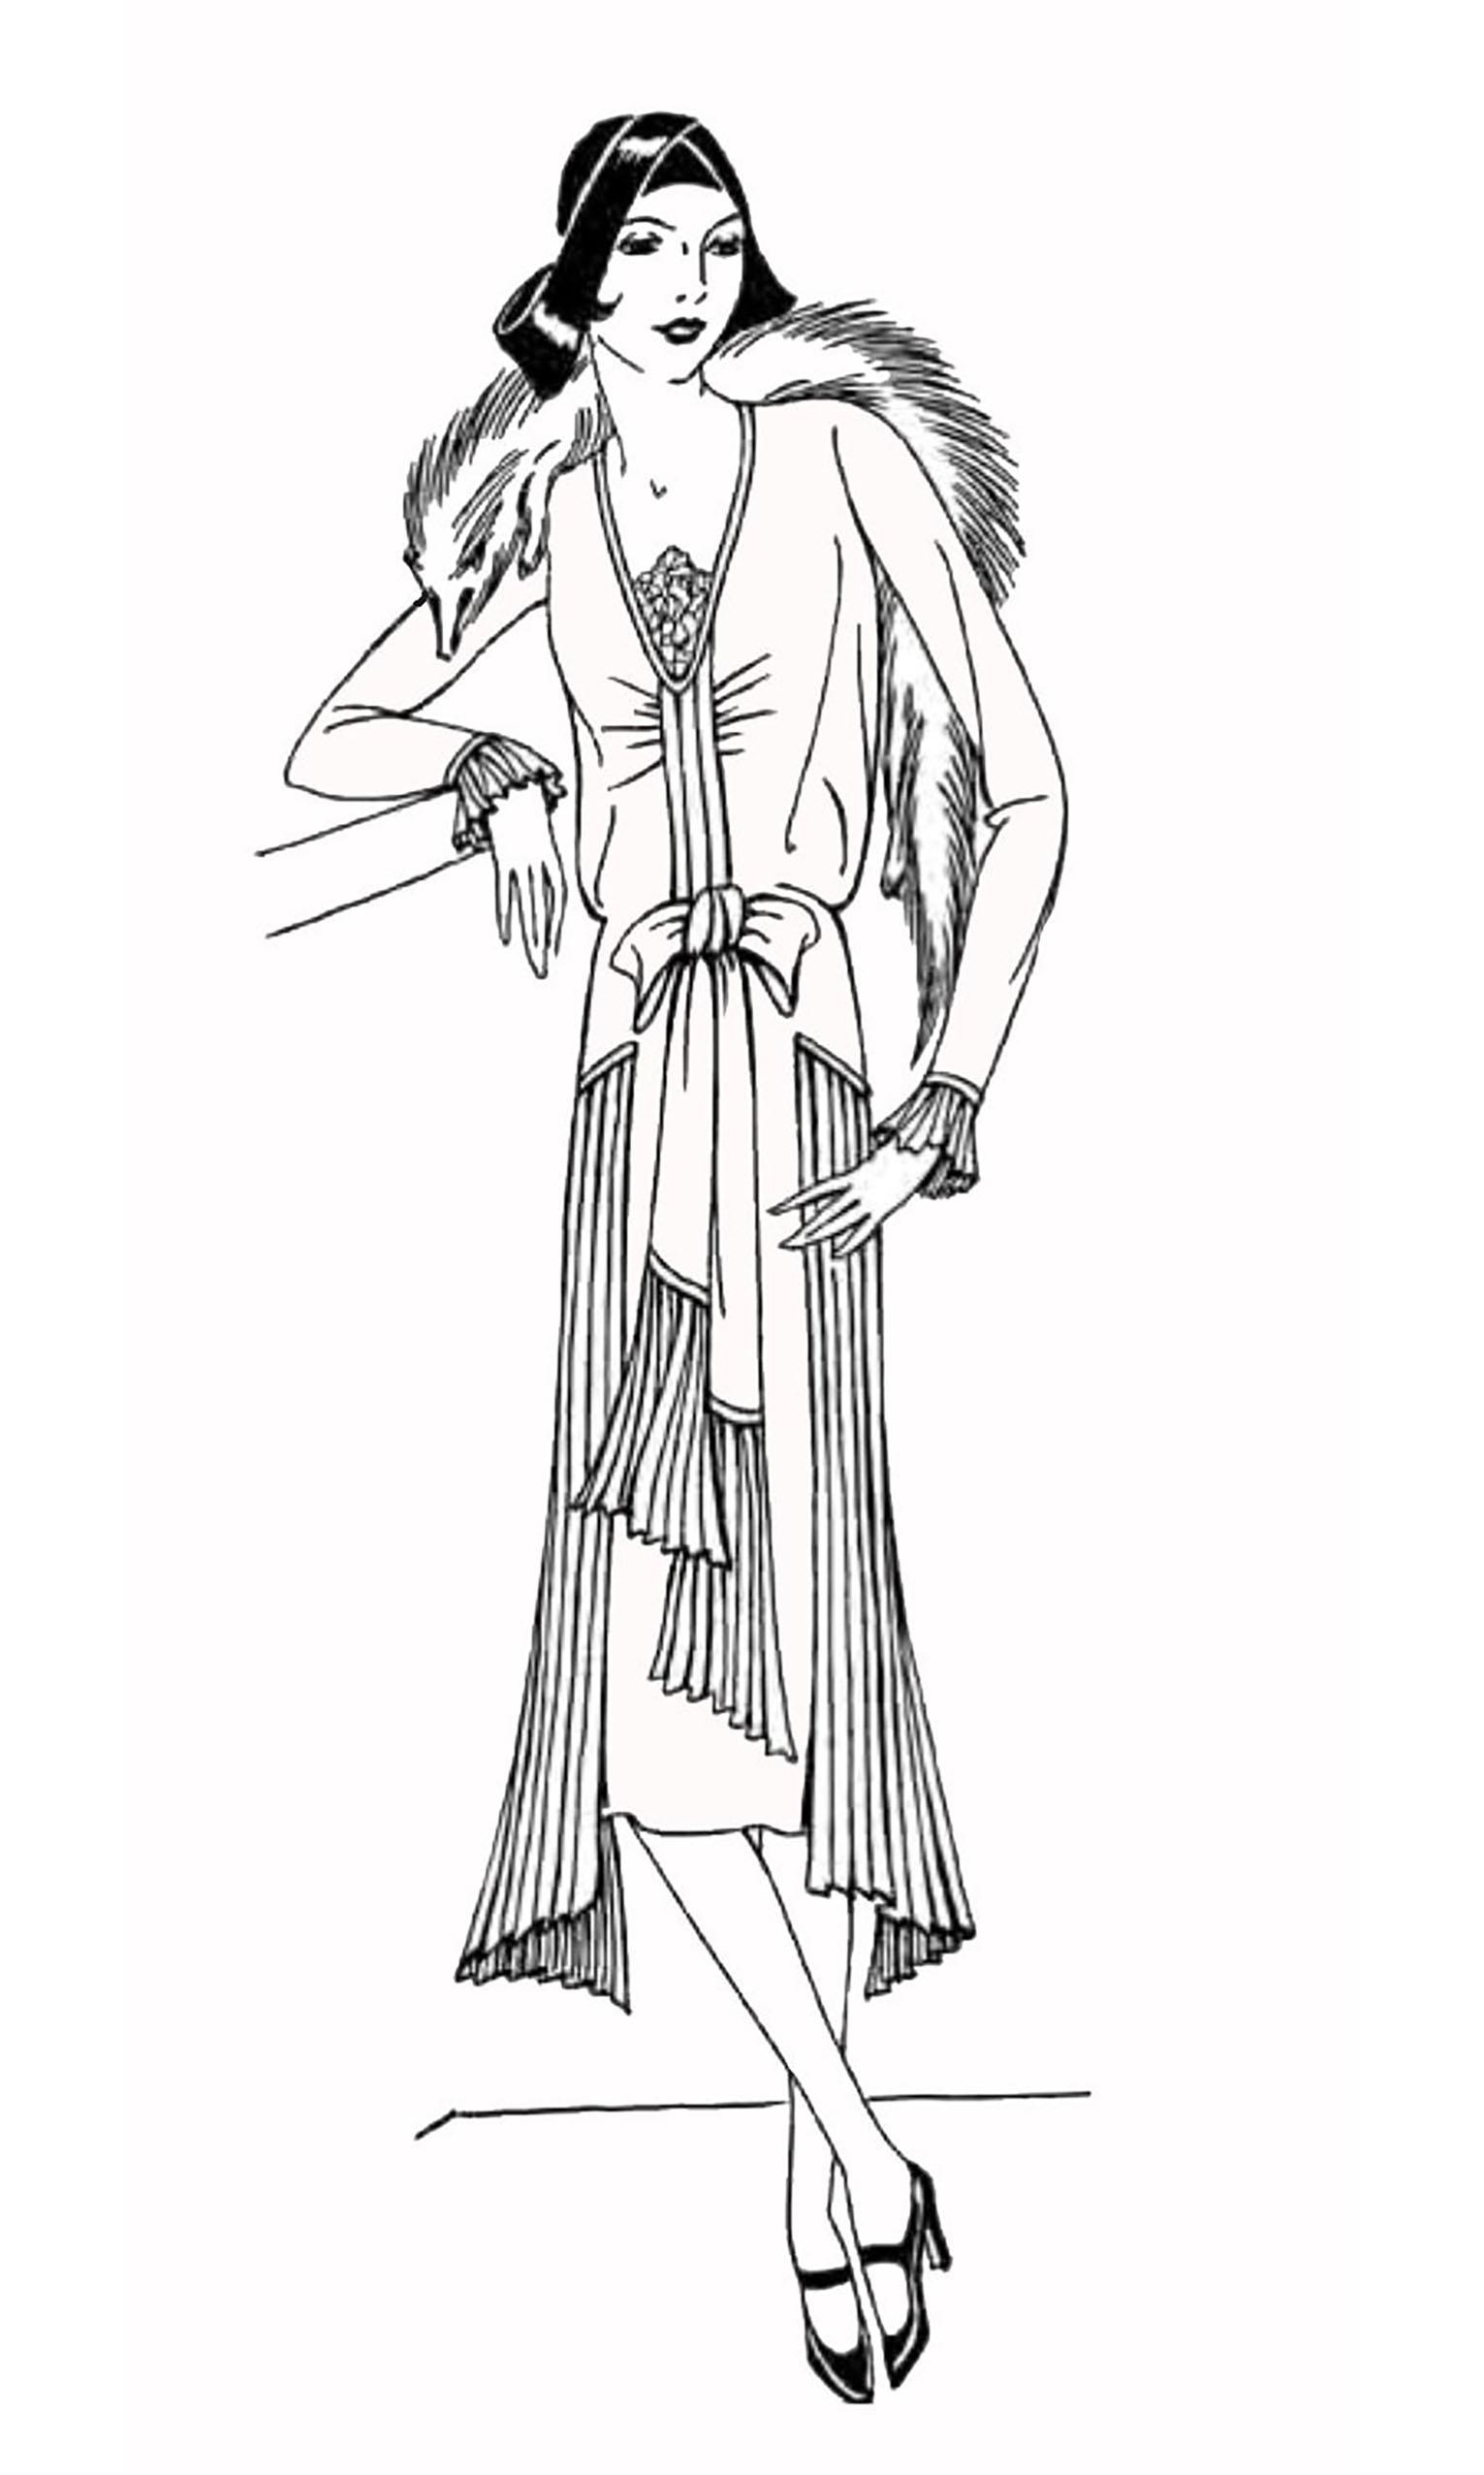 Femmes des années 1930 : Coloriage simple pour ceux qui aiment la mode et l'Histoire